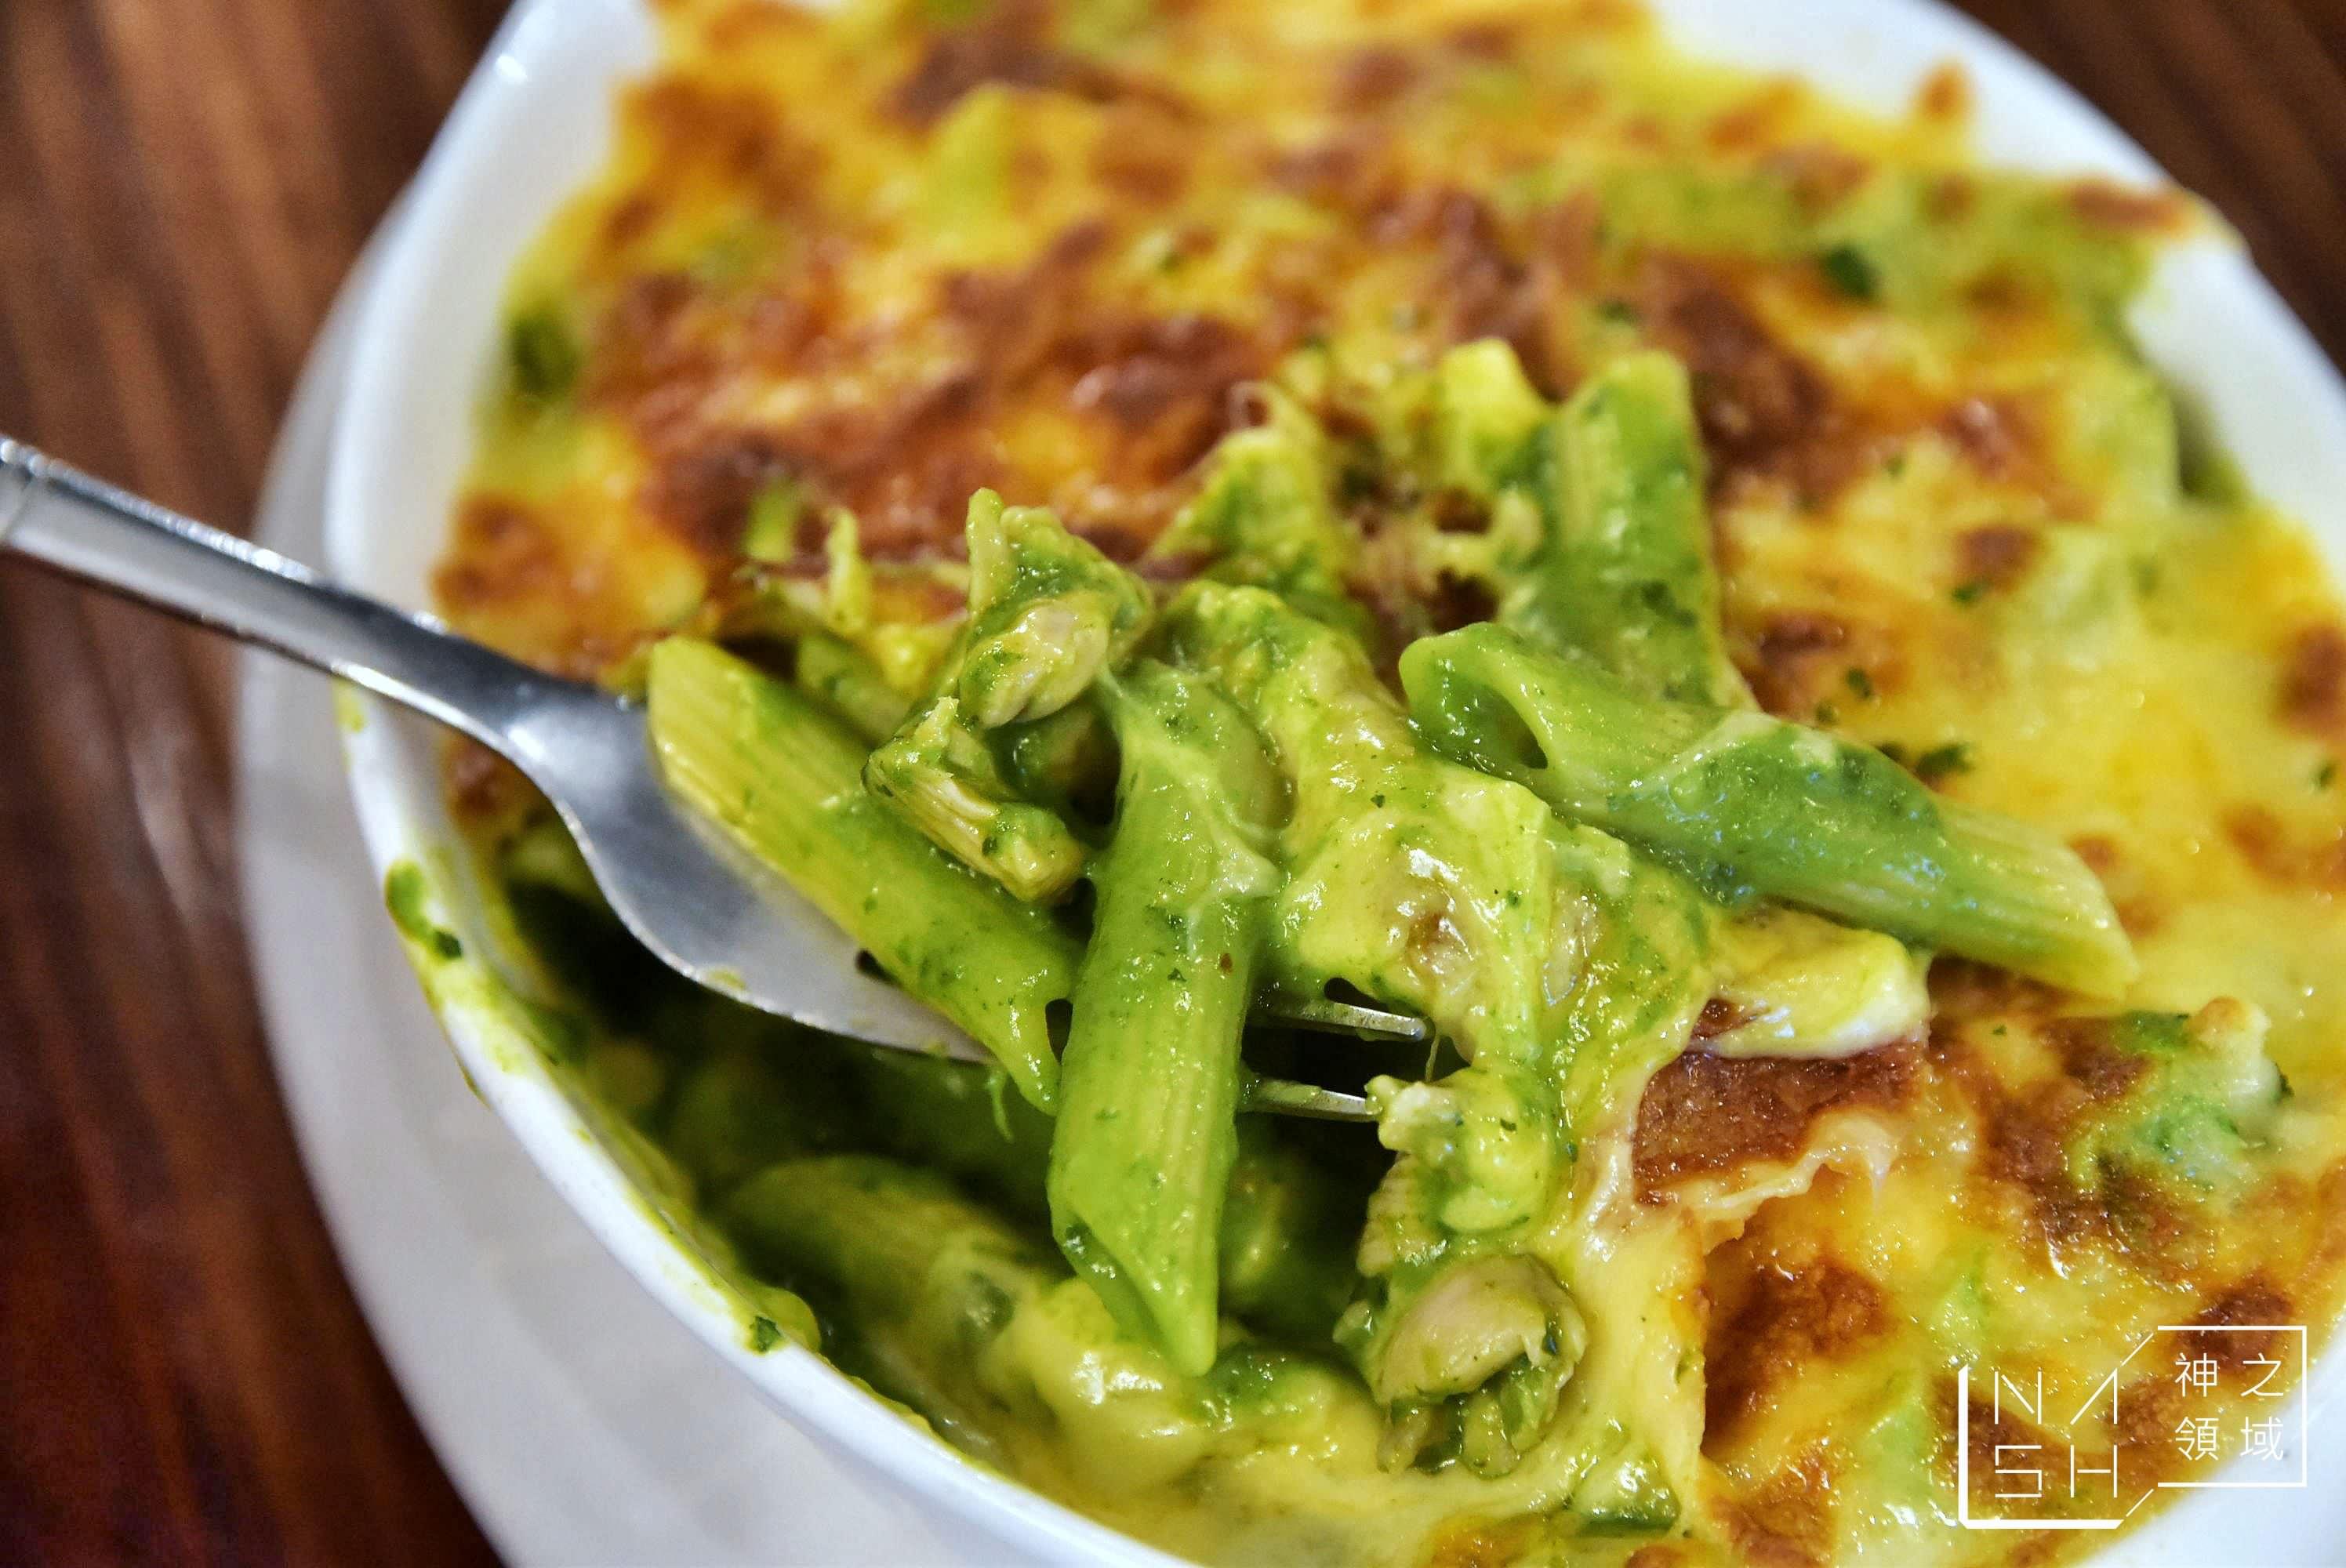 捷運士林美食推薦,不萊梅義大利麵,士林義大利麵推薦,bremen pasta